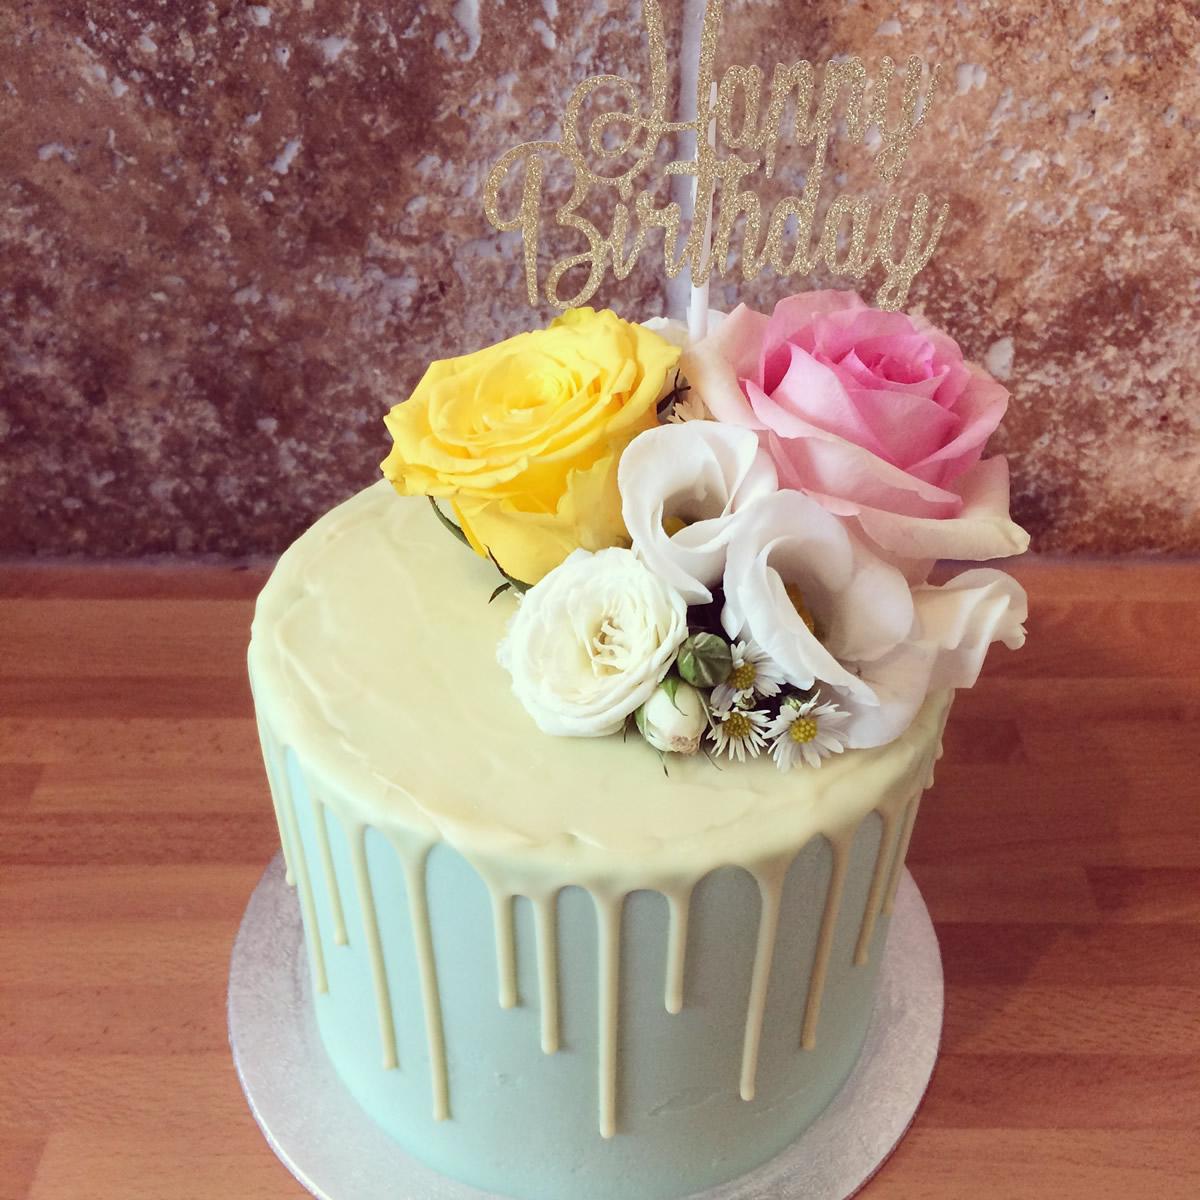 Birthday Drip Cake White Chocolate Rosie Shaw Cake Company Bristol